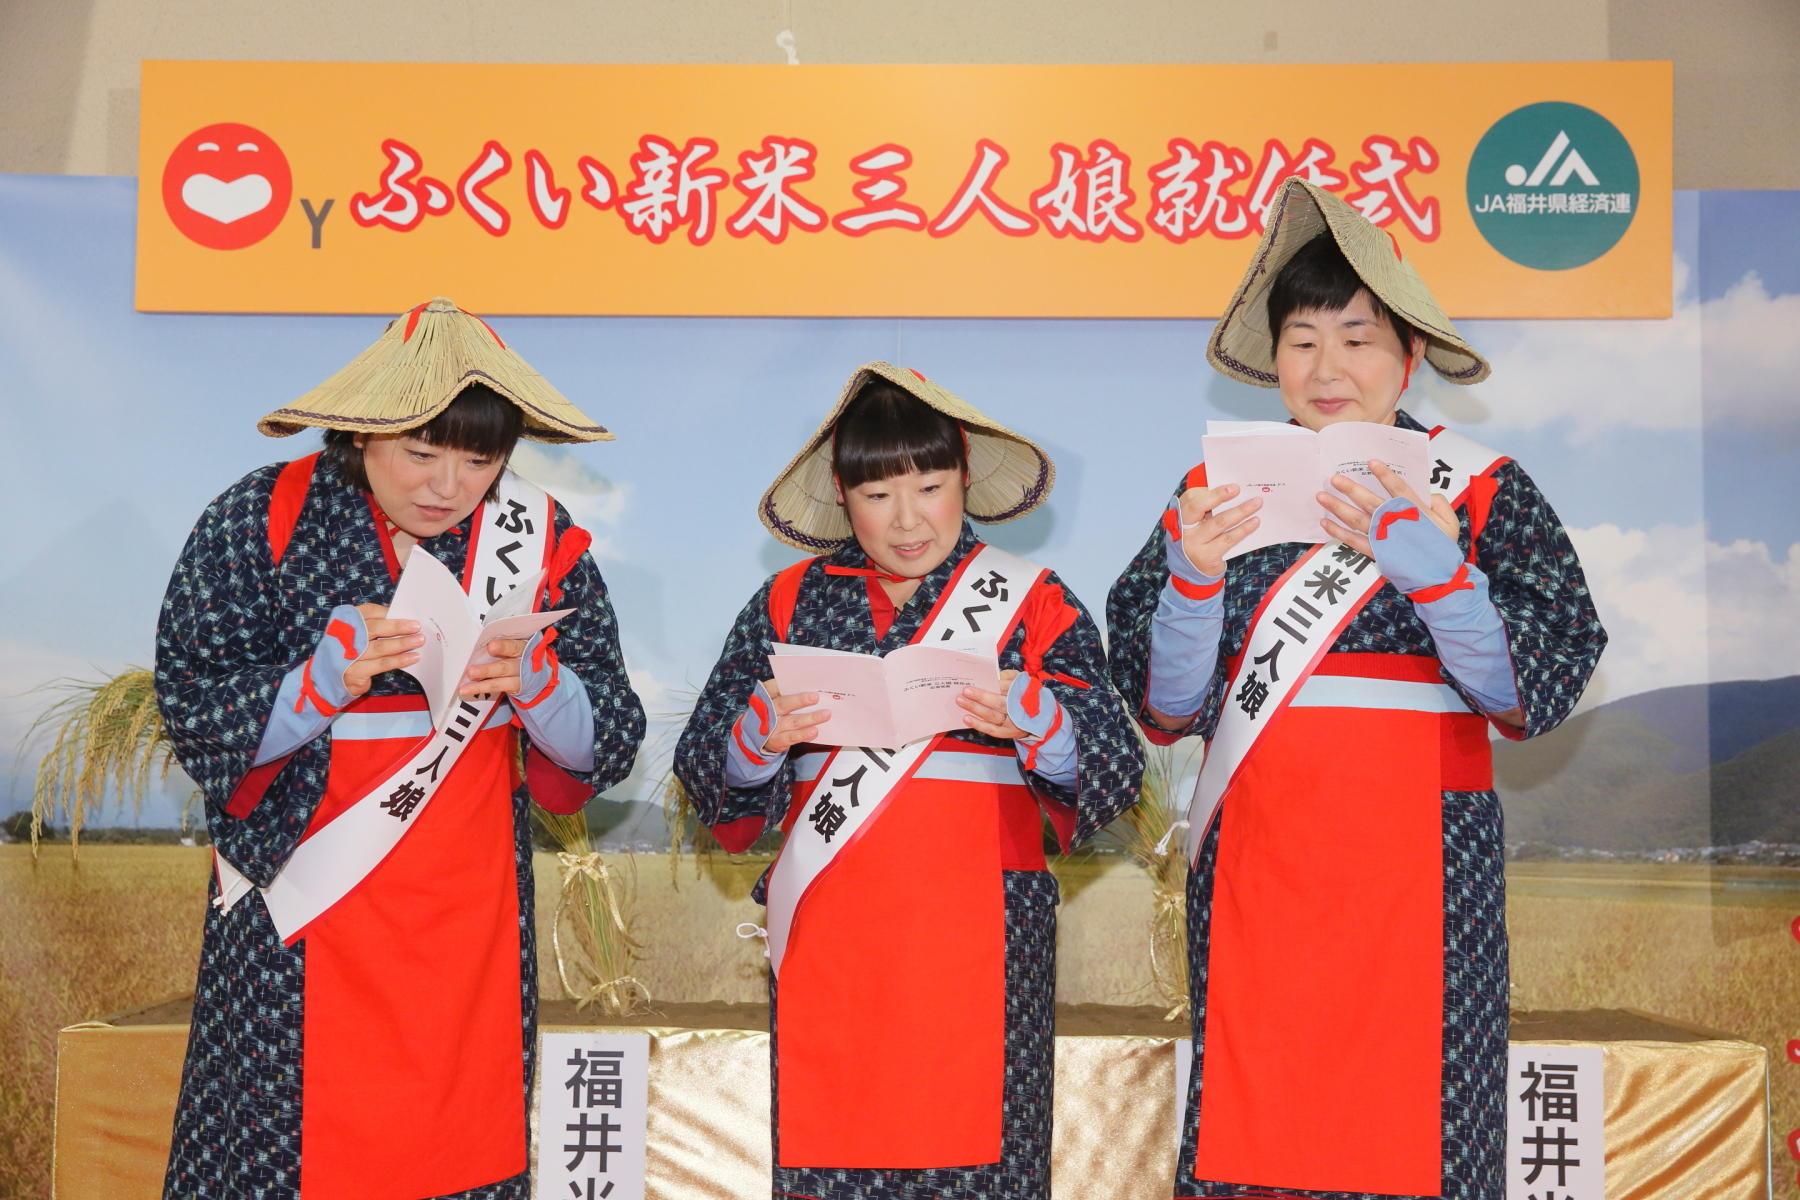 http://news.yoshimoto.co.jp/20160831143831-6ad4c4534a29e522382fcc1b53bf0603ae35fe19.jpg